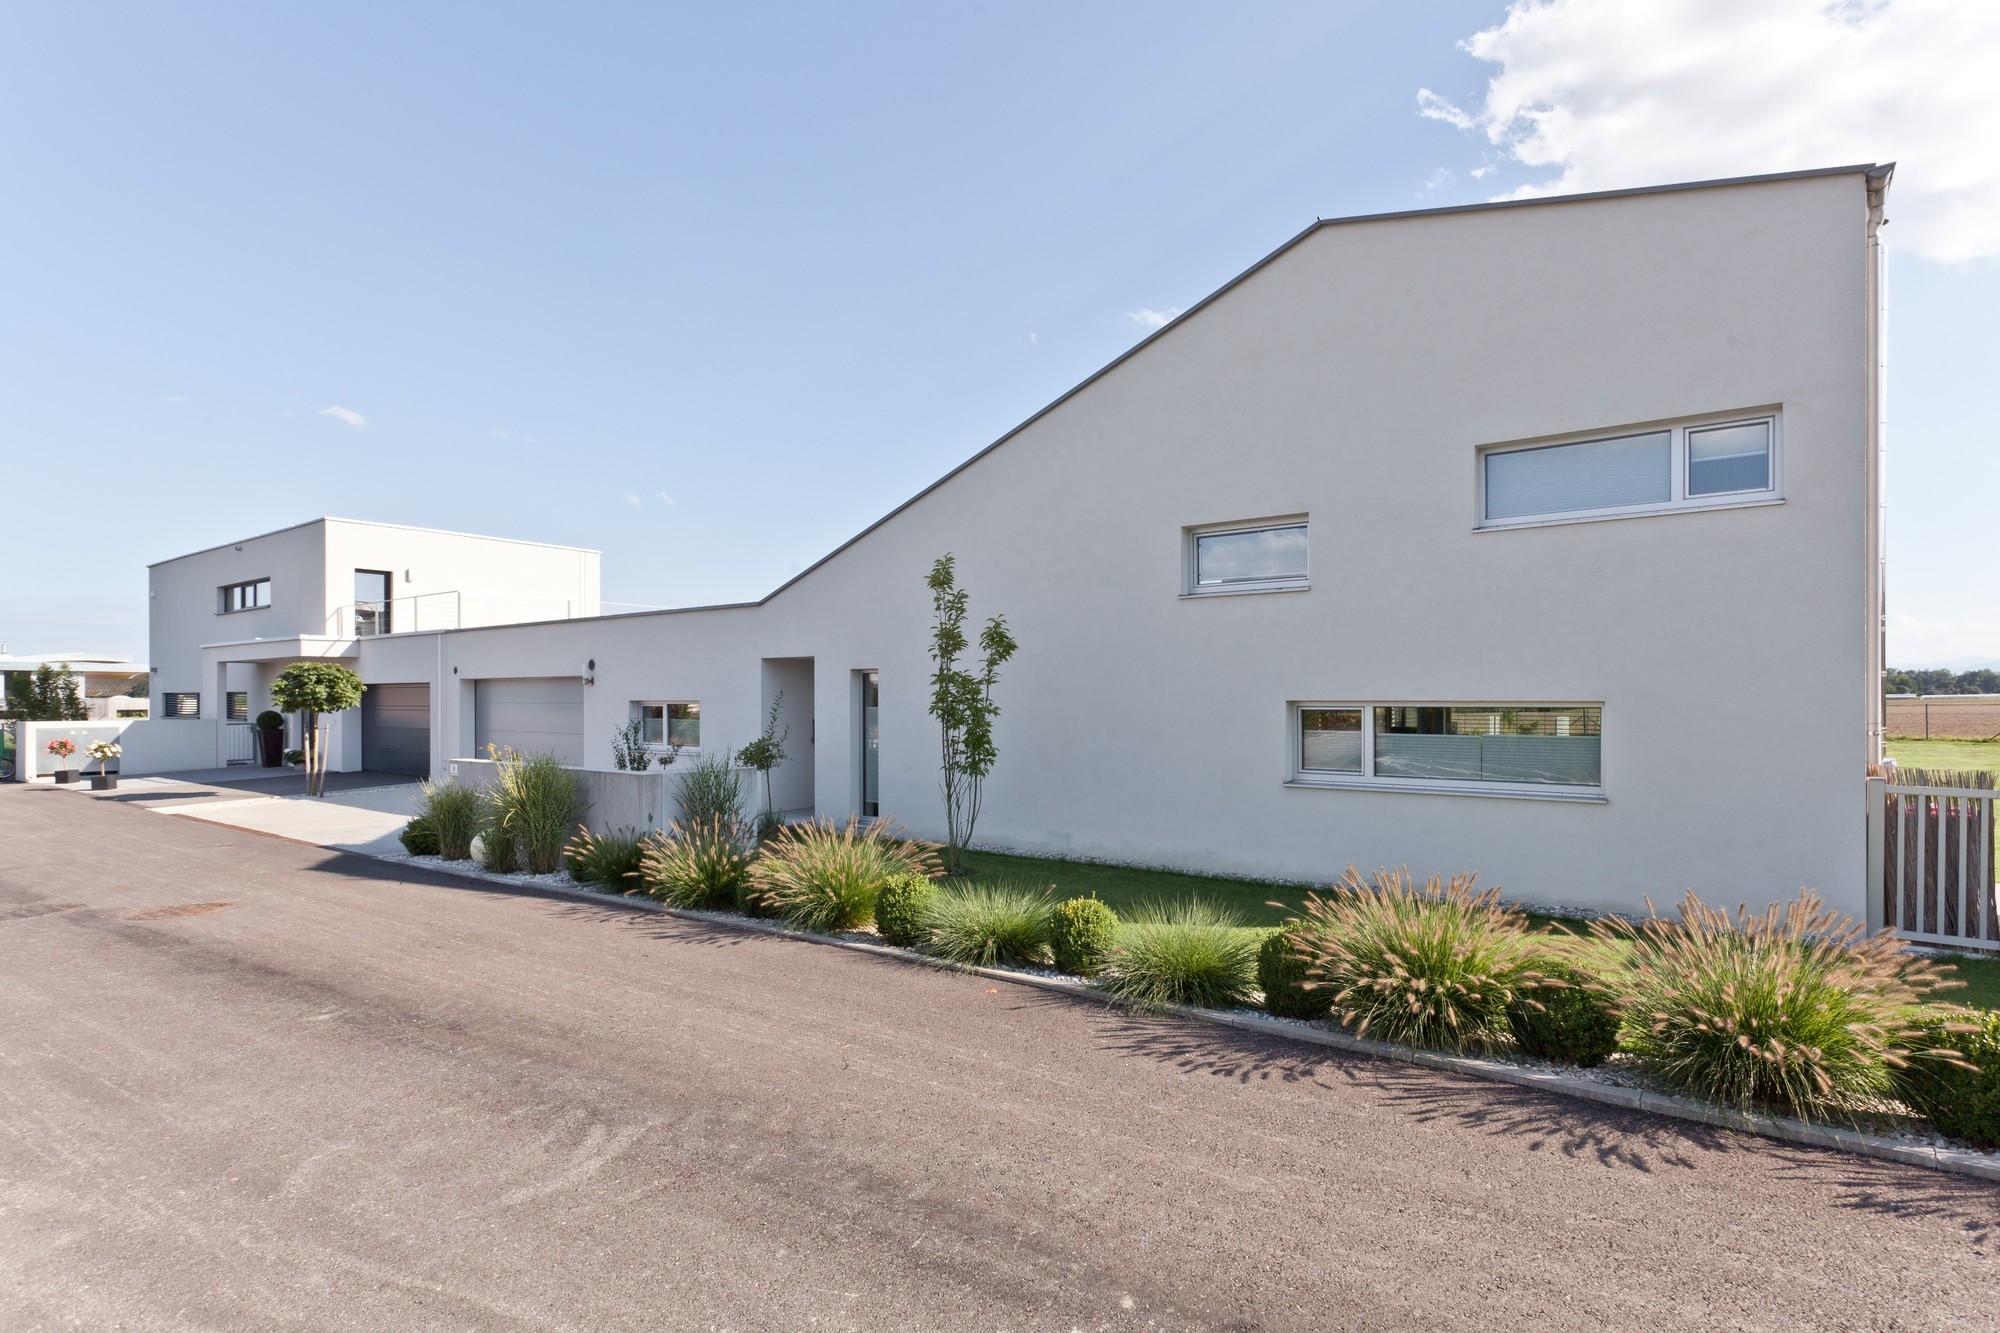 House WHV / [tp3] architekten, © Ulrich Kehrer